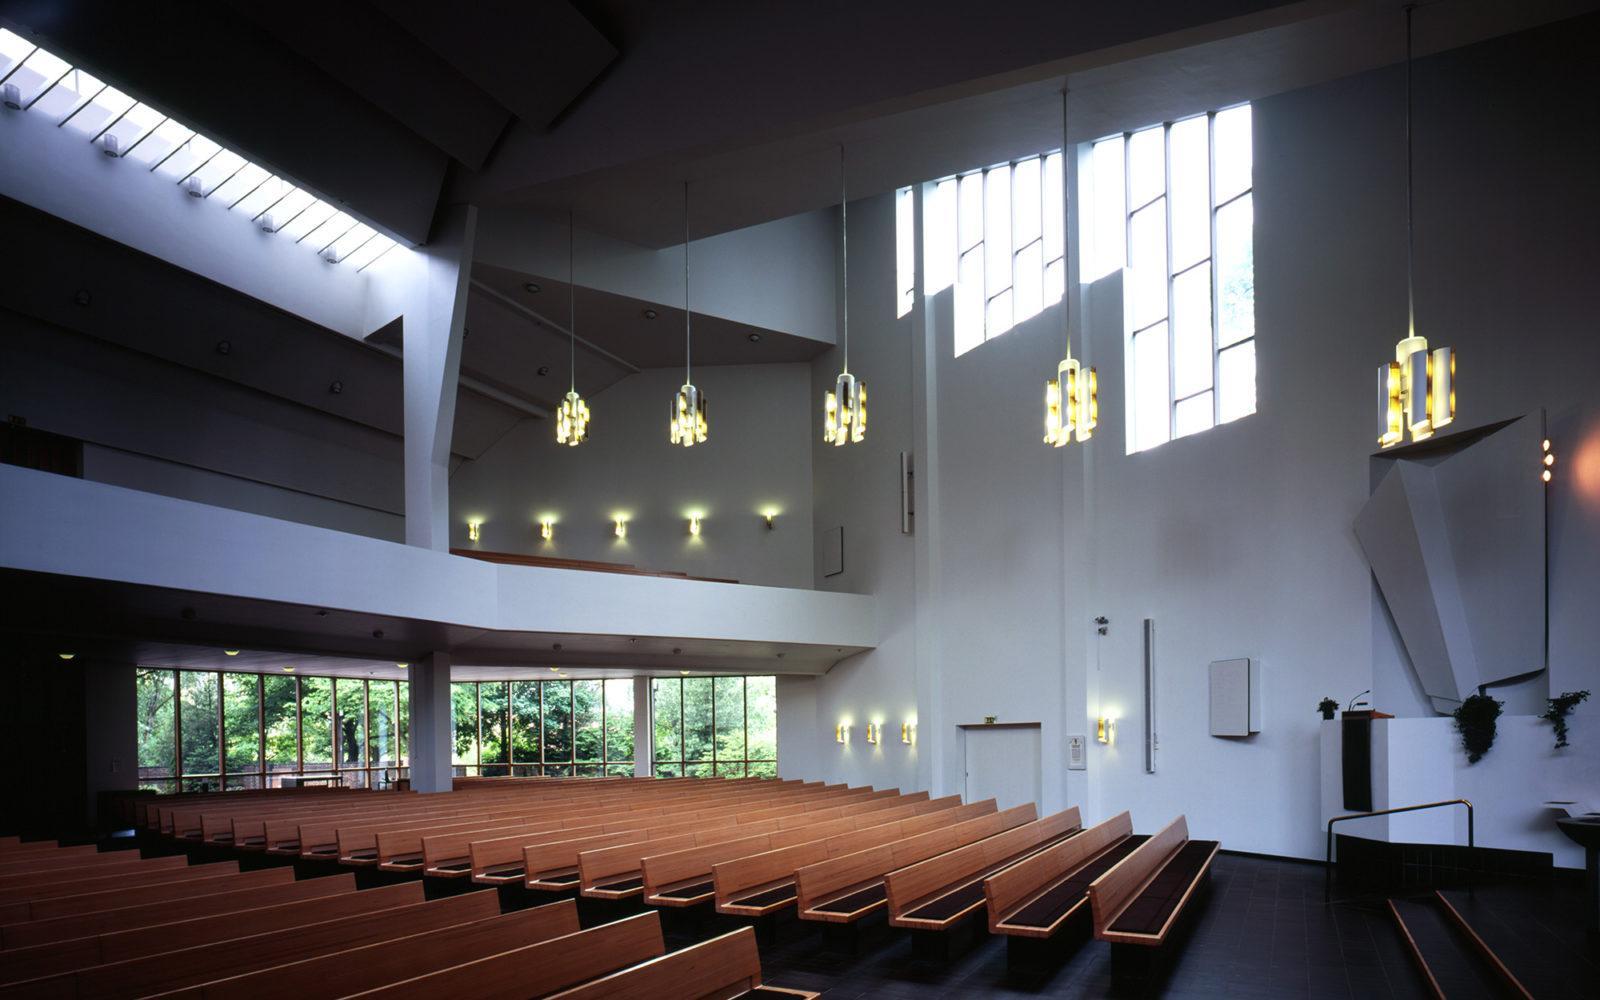 lahti-ristin-kirkko-kirkkosali-kuva-maija-holma-alvar-aalto-saatio-av 6242